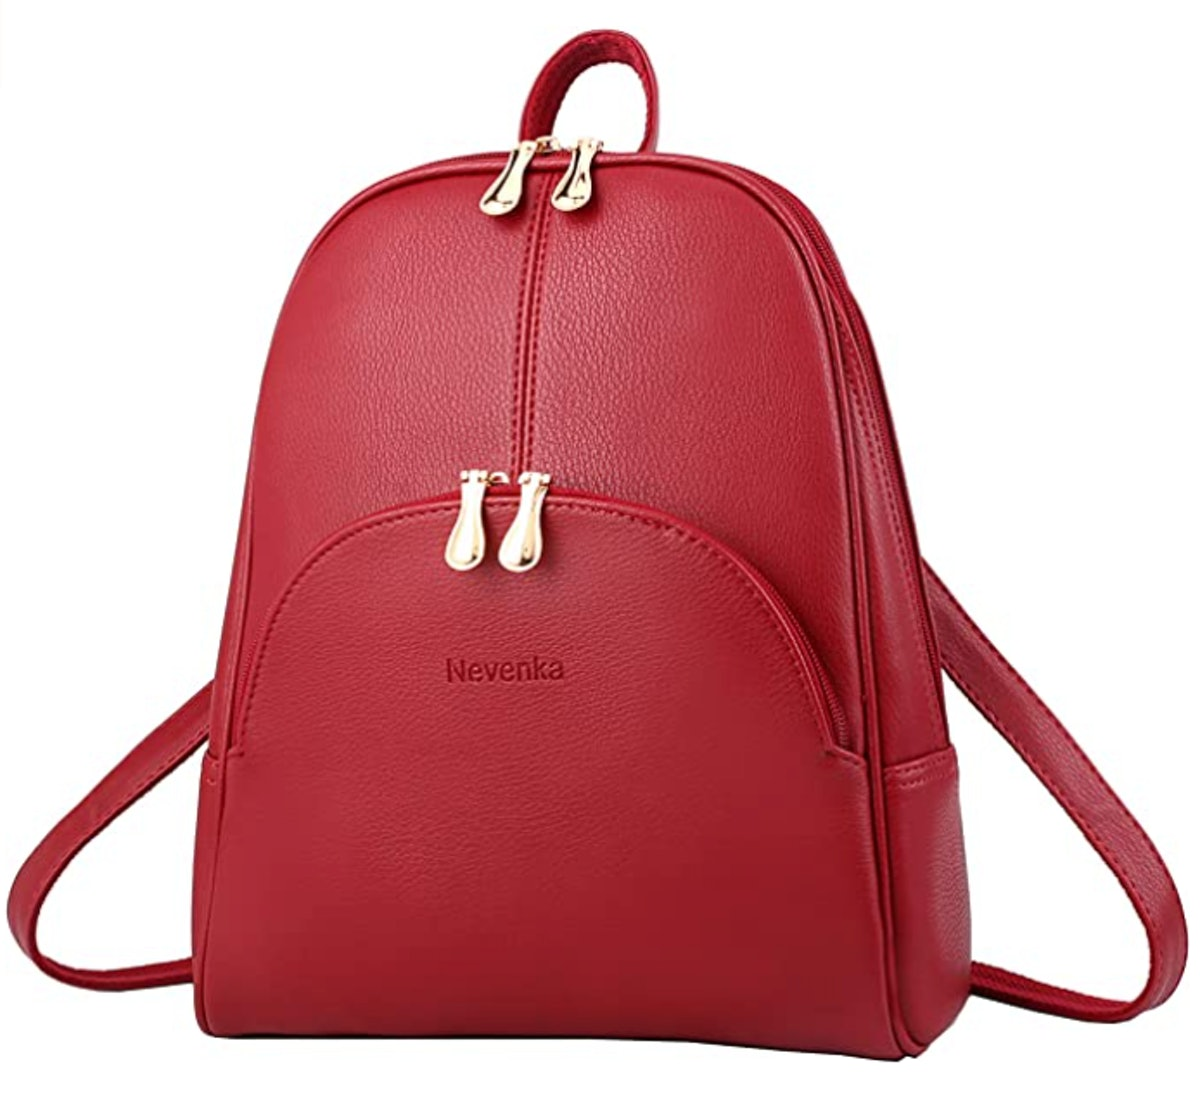 Nevenka Backpack Purse